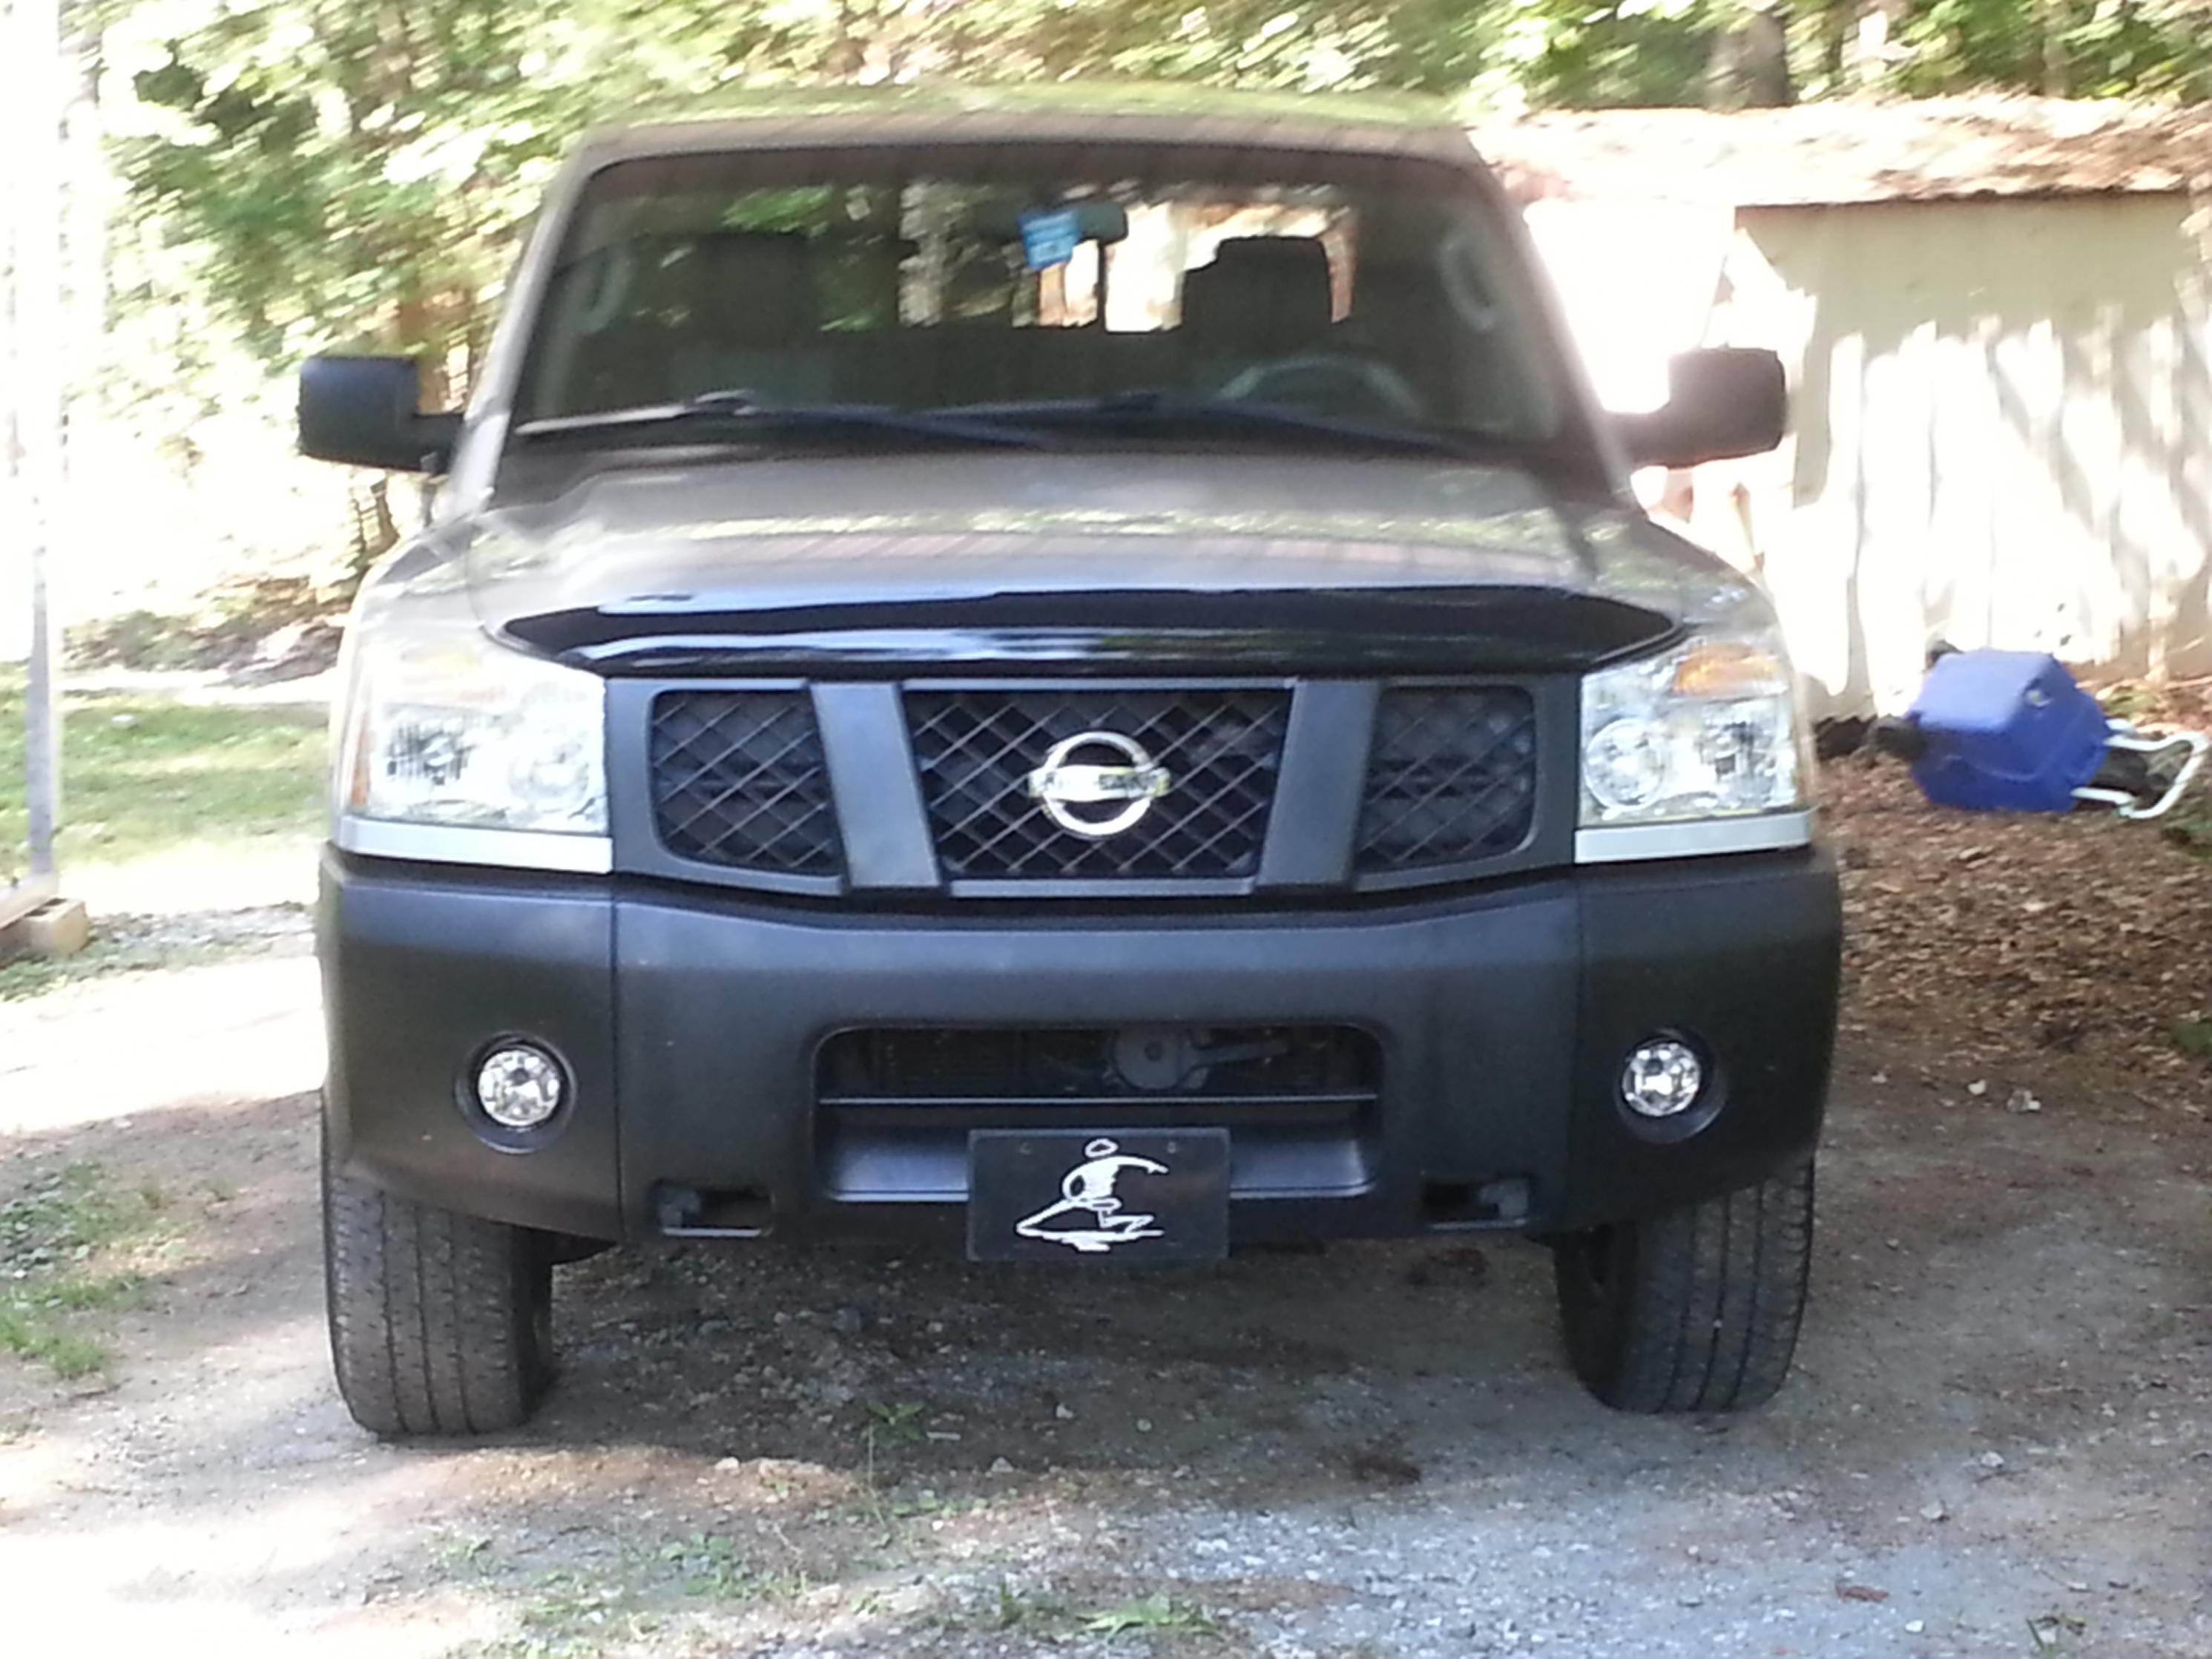 Titan Xd Forum >> White Titan with Black front bumper - Nissan Titan Forum